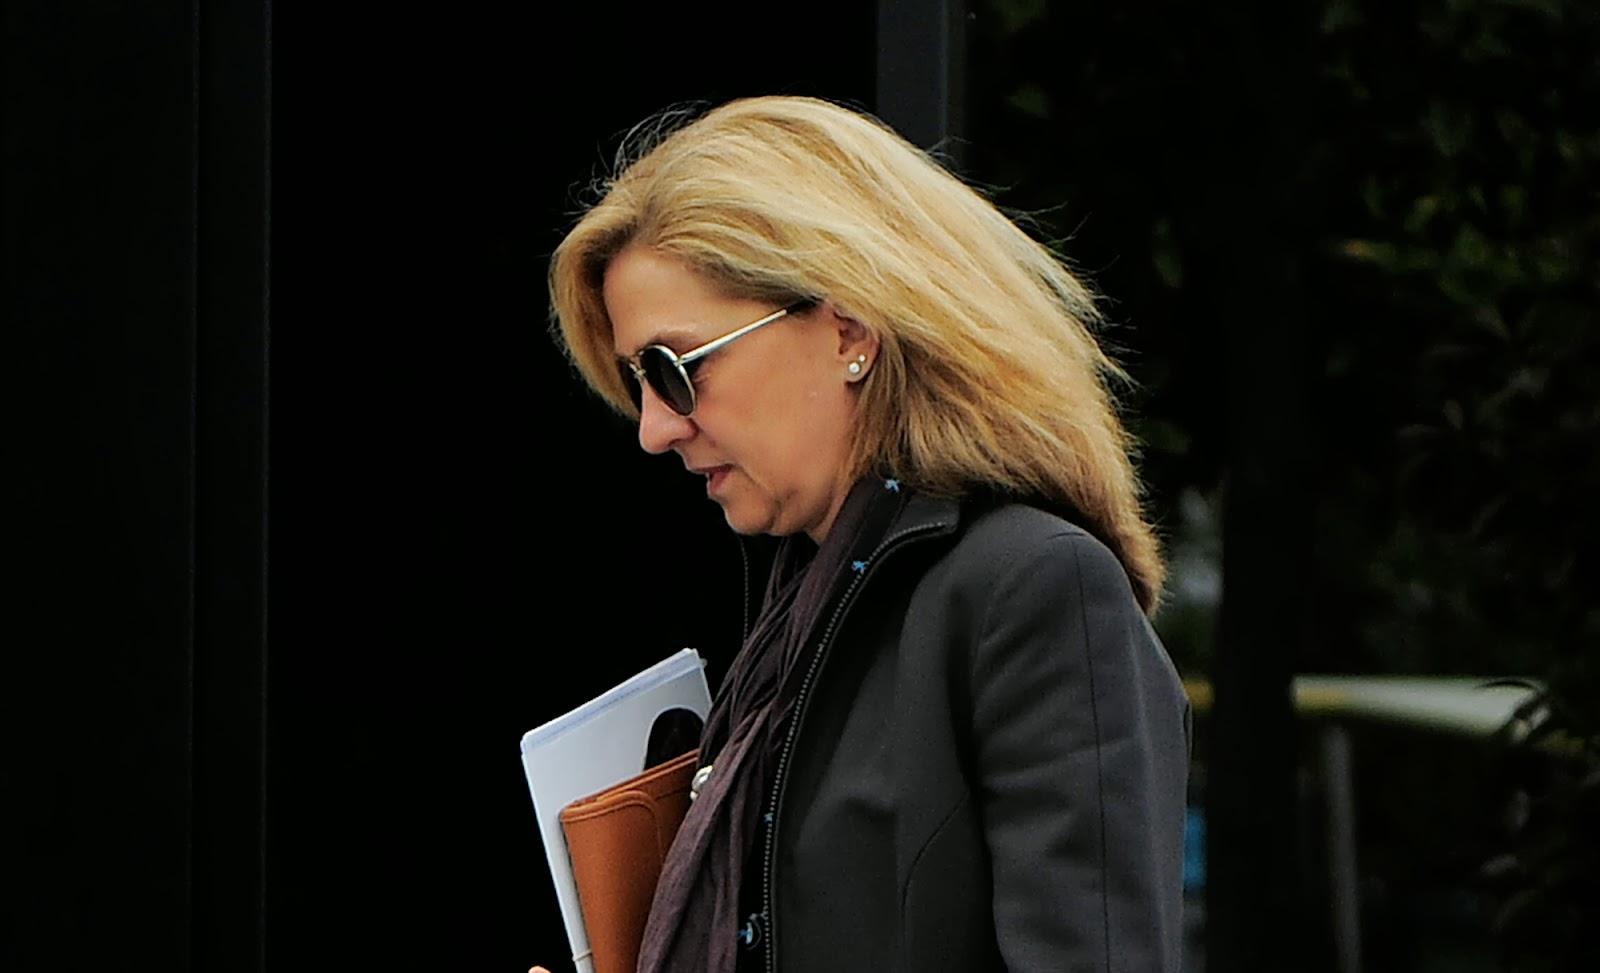 La Infanta Elena Imputada en el caso Nóos